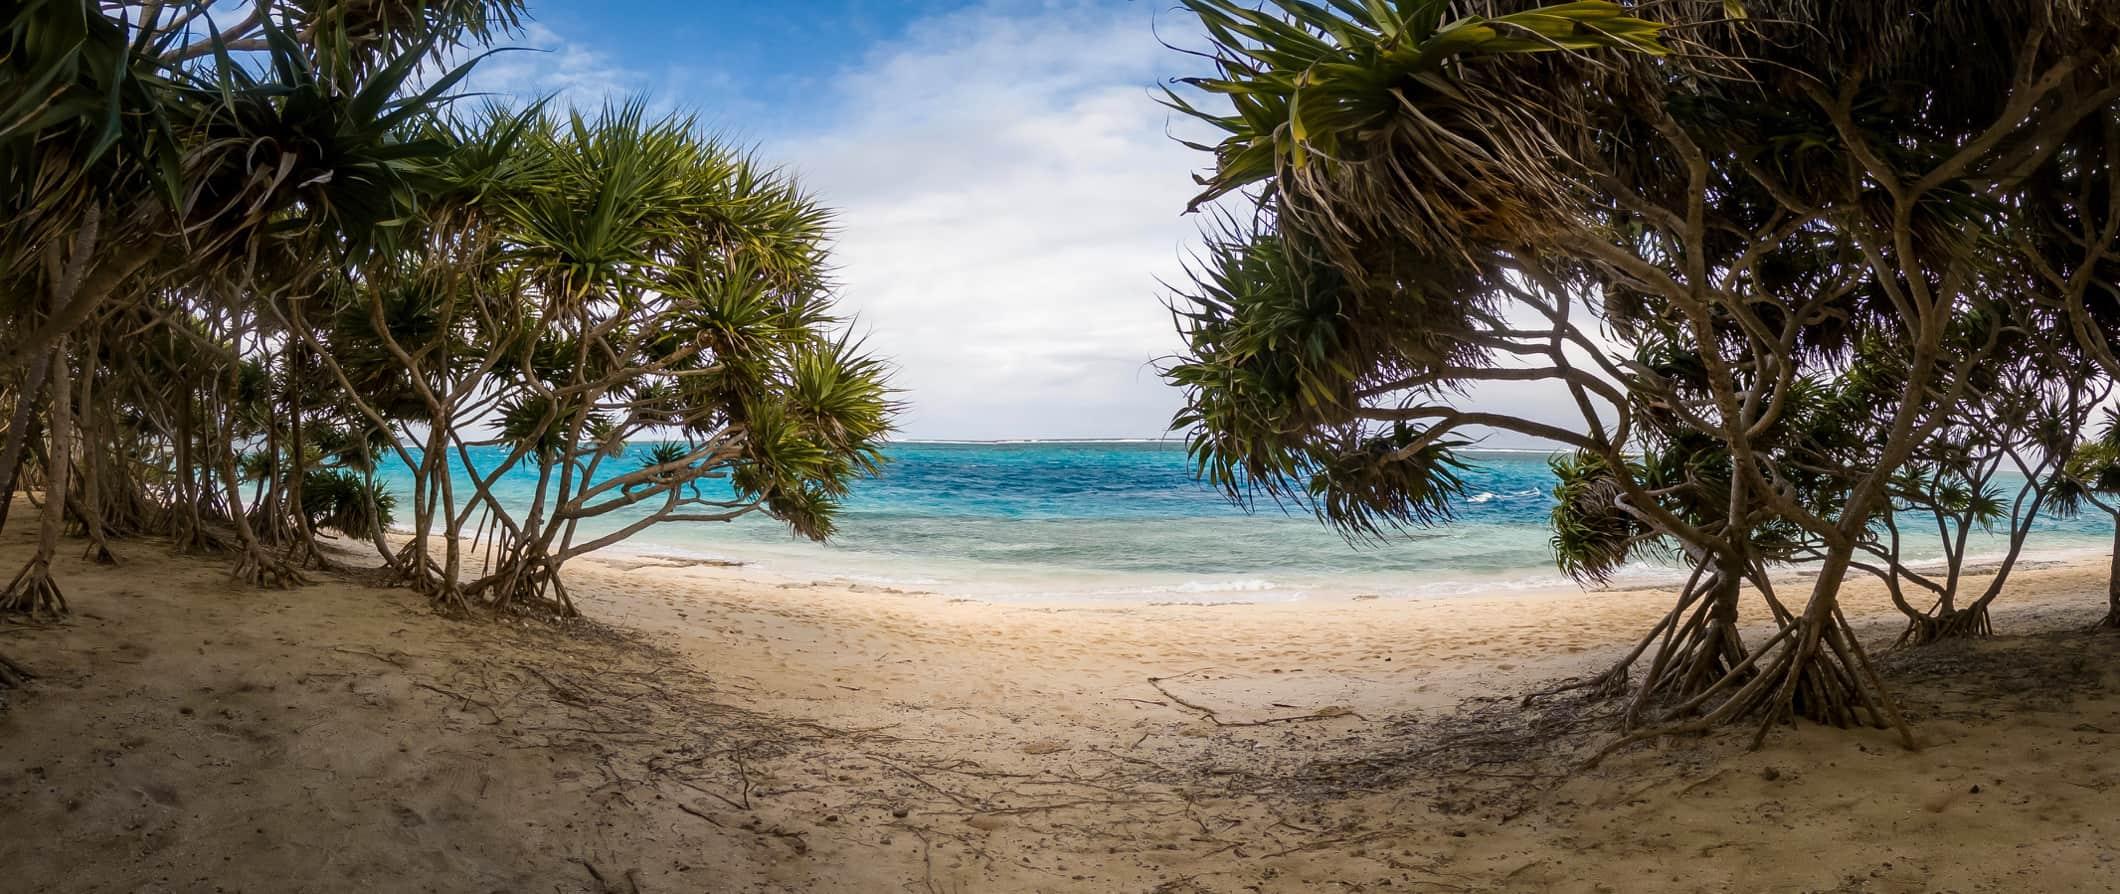 A sandy white beach in Vanuatu